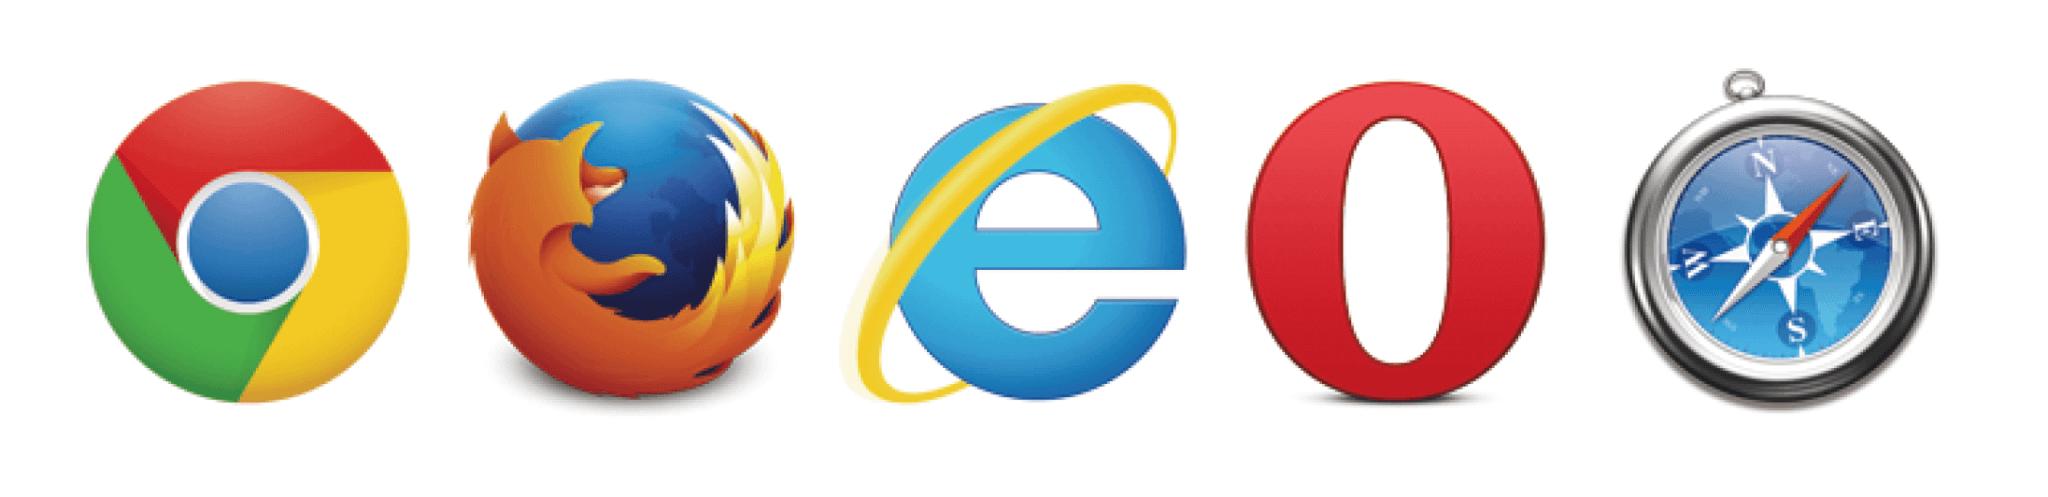 Webブラウザのアイコン